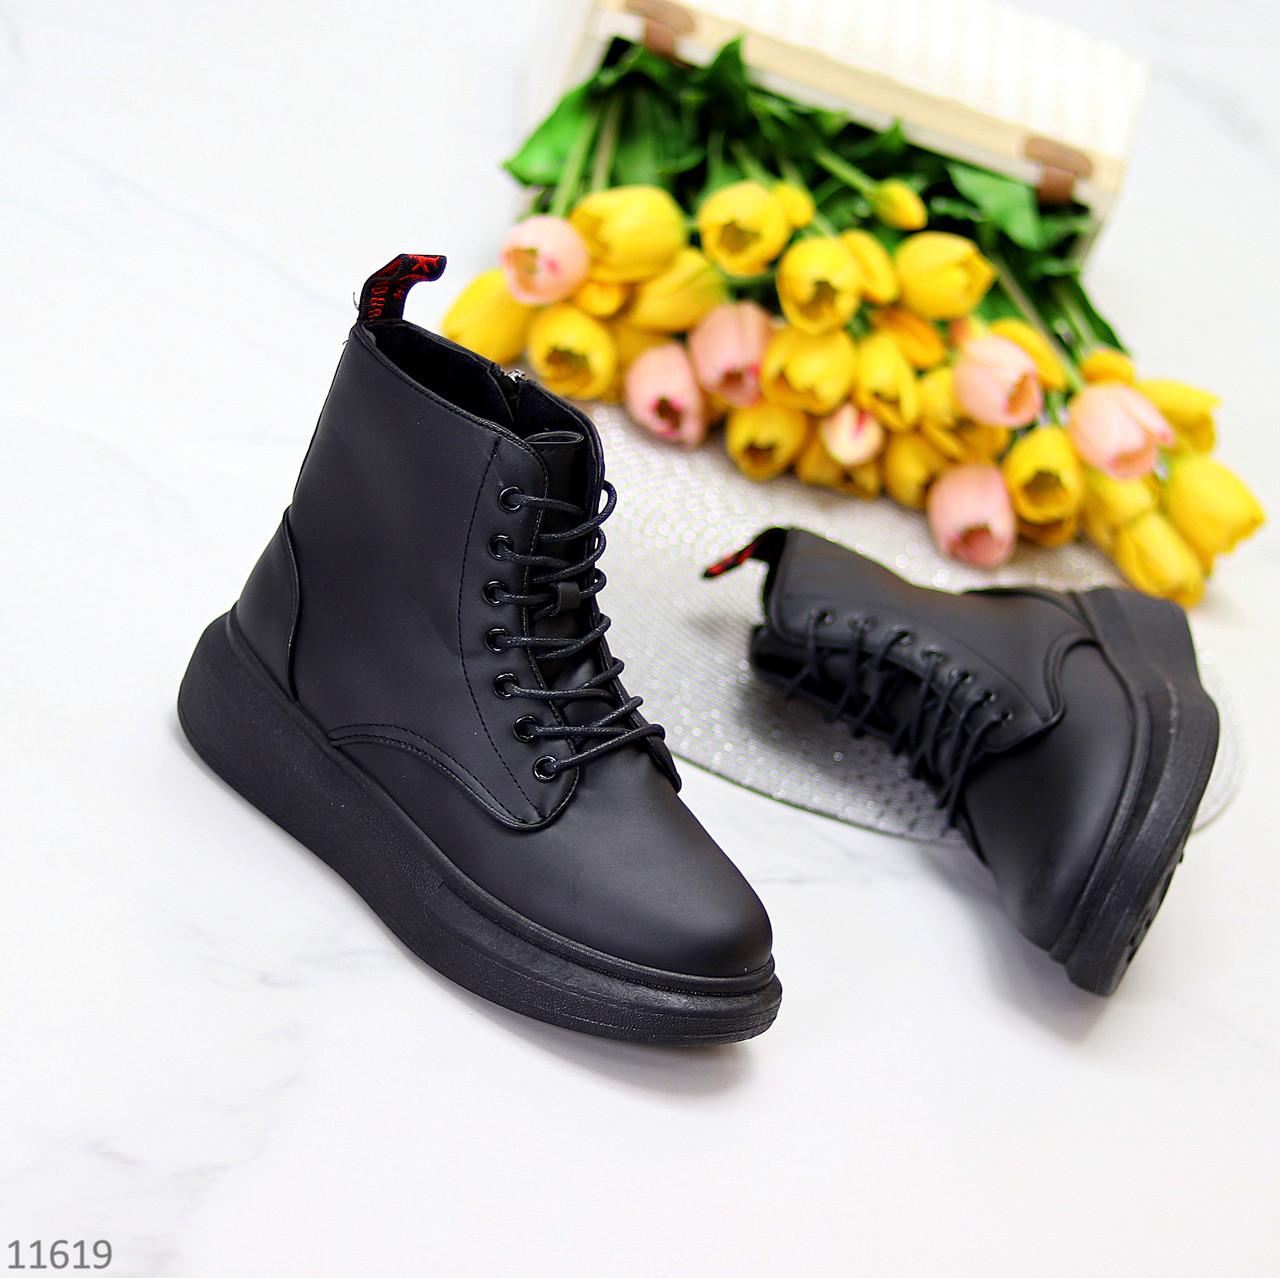 Високі жіночі кросівки - хайтопы чорні еко шкіра